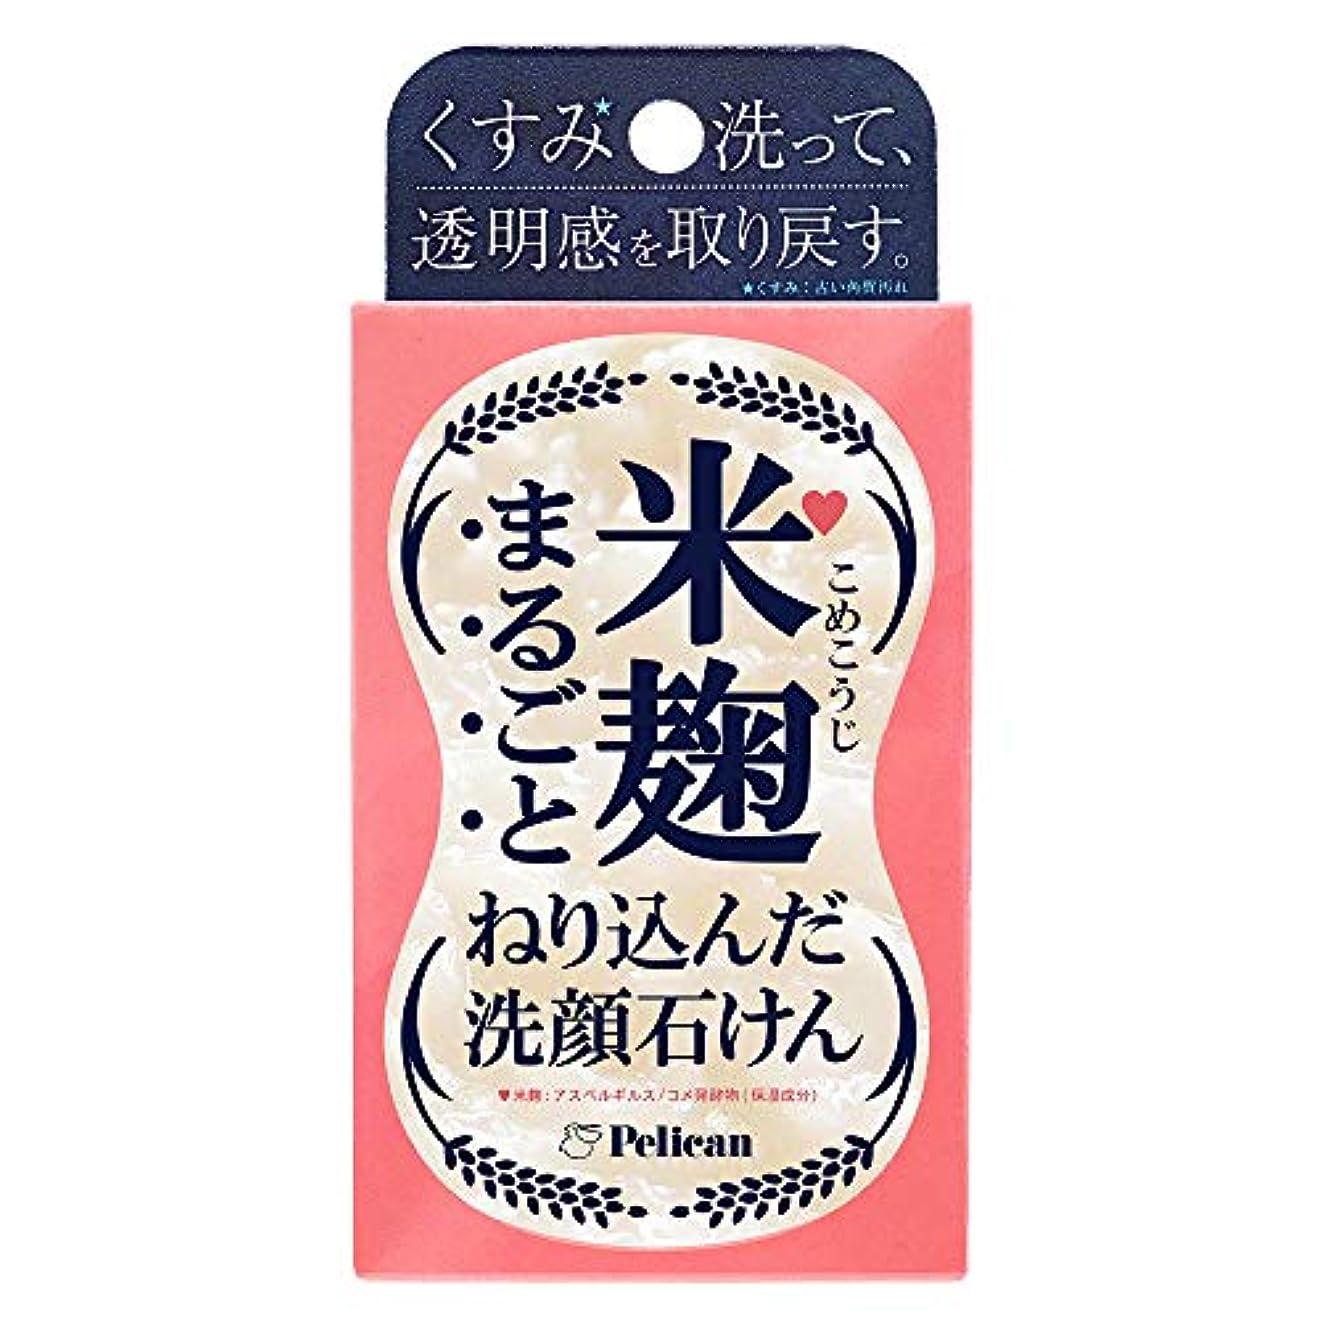 中古牛肉シティペリカン石鹸 米麹まるごとねり込んだ洗顔石けん 75g